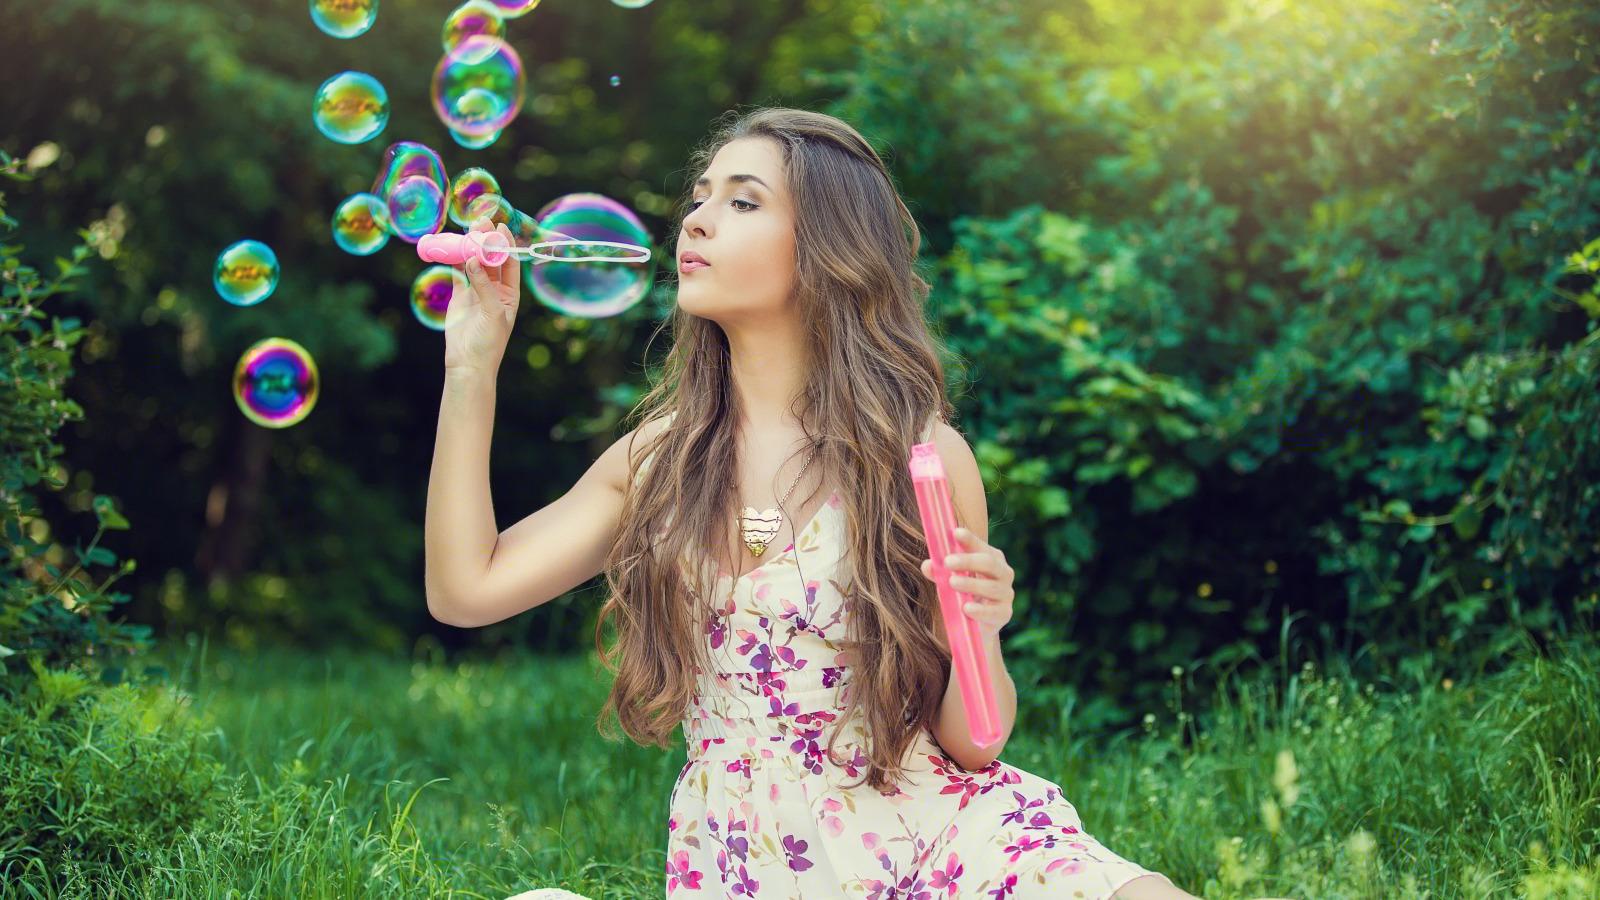 милая девочка с мыльными пузырями  № 1823148 загрузить